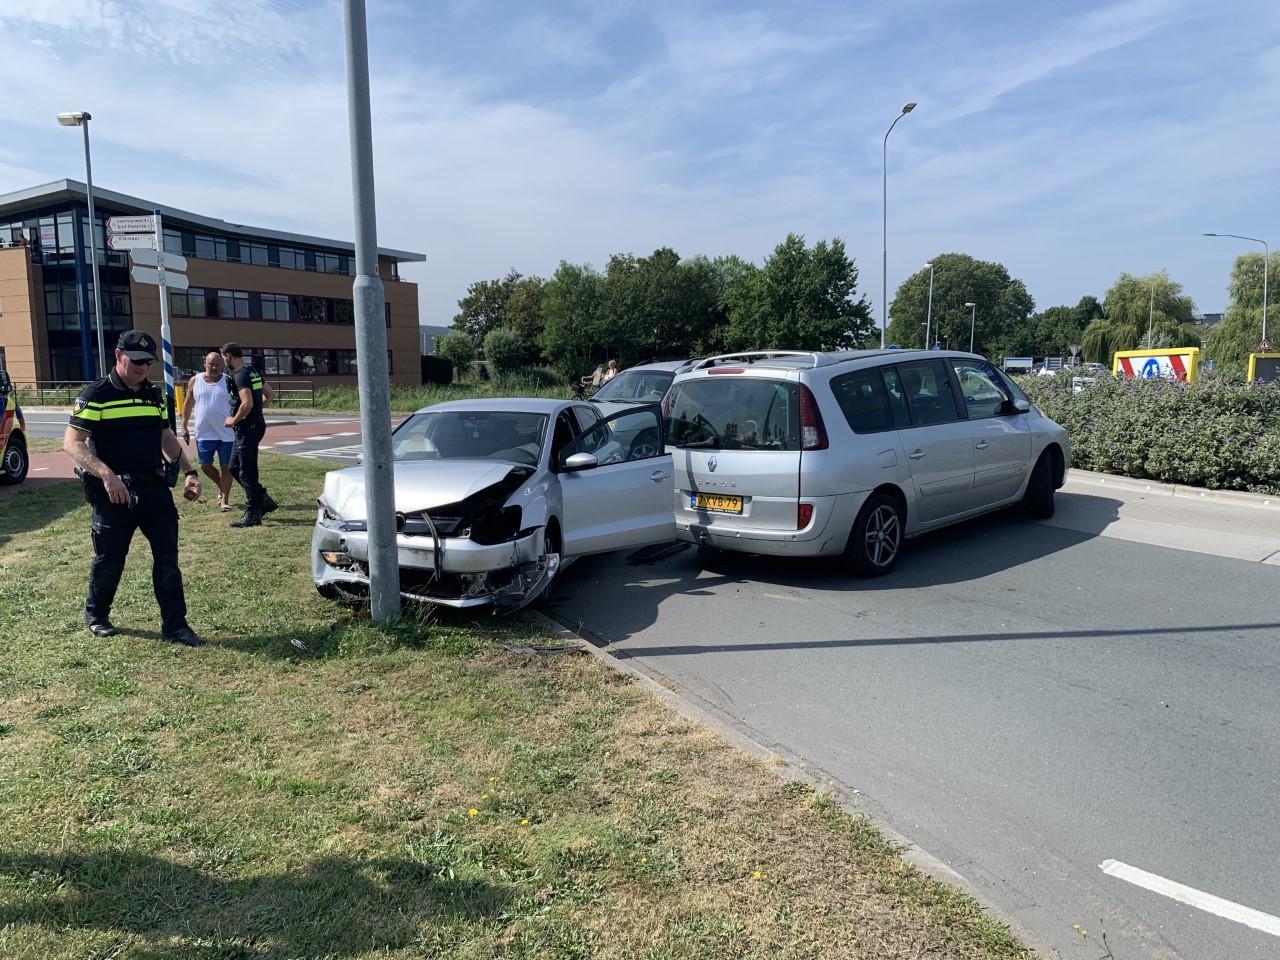 Ongeluk op rotonde in Broek op Langedijk; één bestuurder naar ziekenhuis